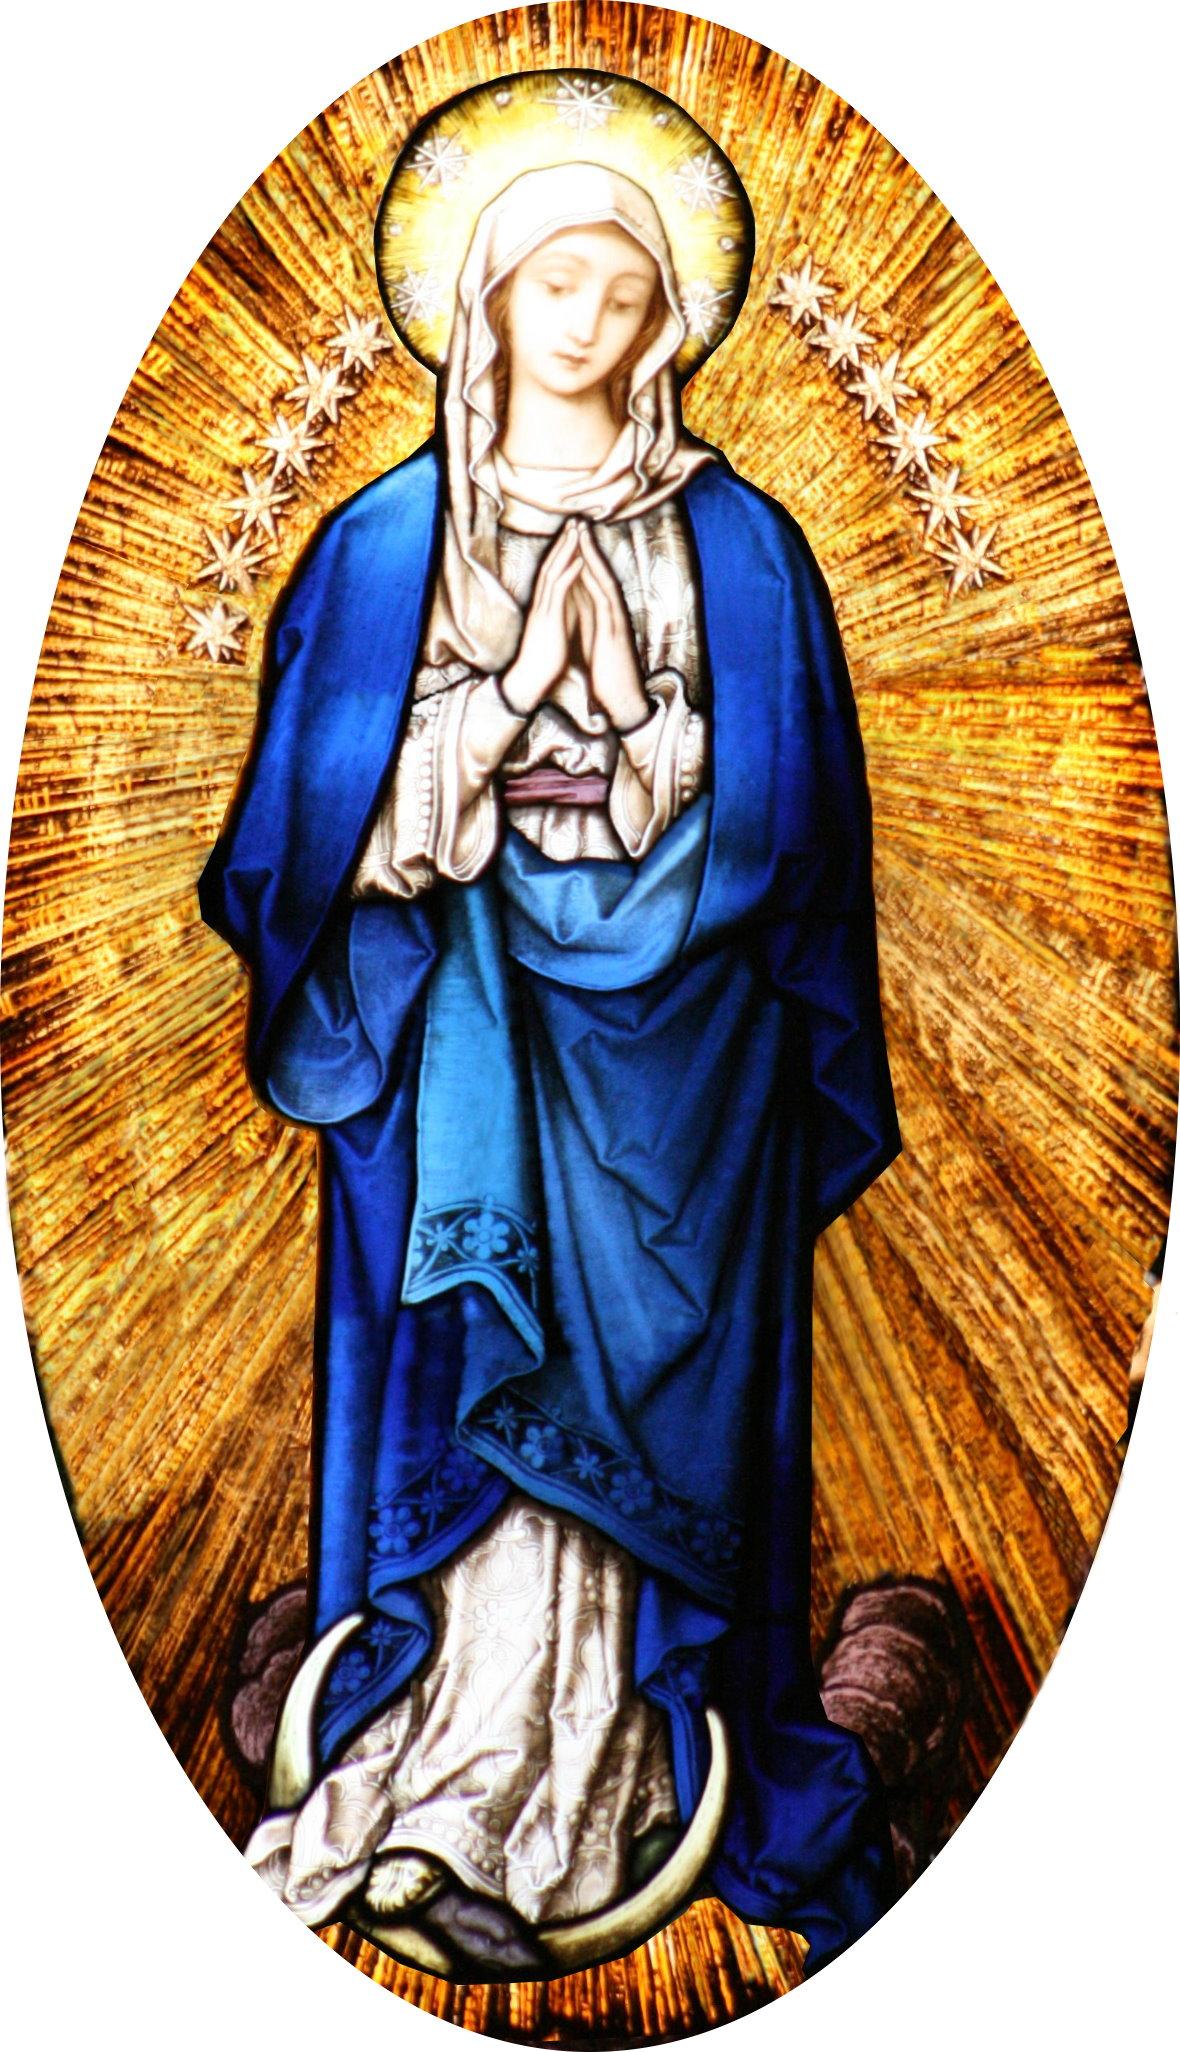 FileGenesis Blessed Virgin Mary 002jpg The Work Of God